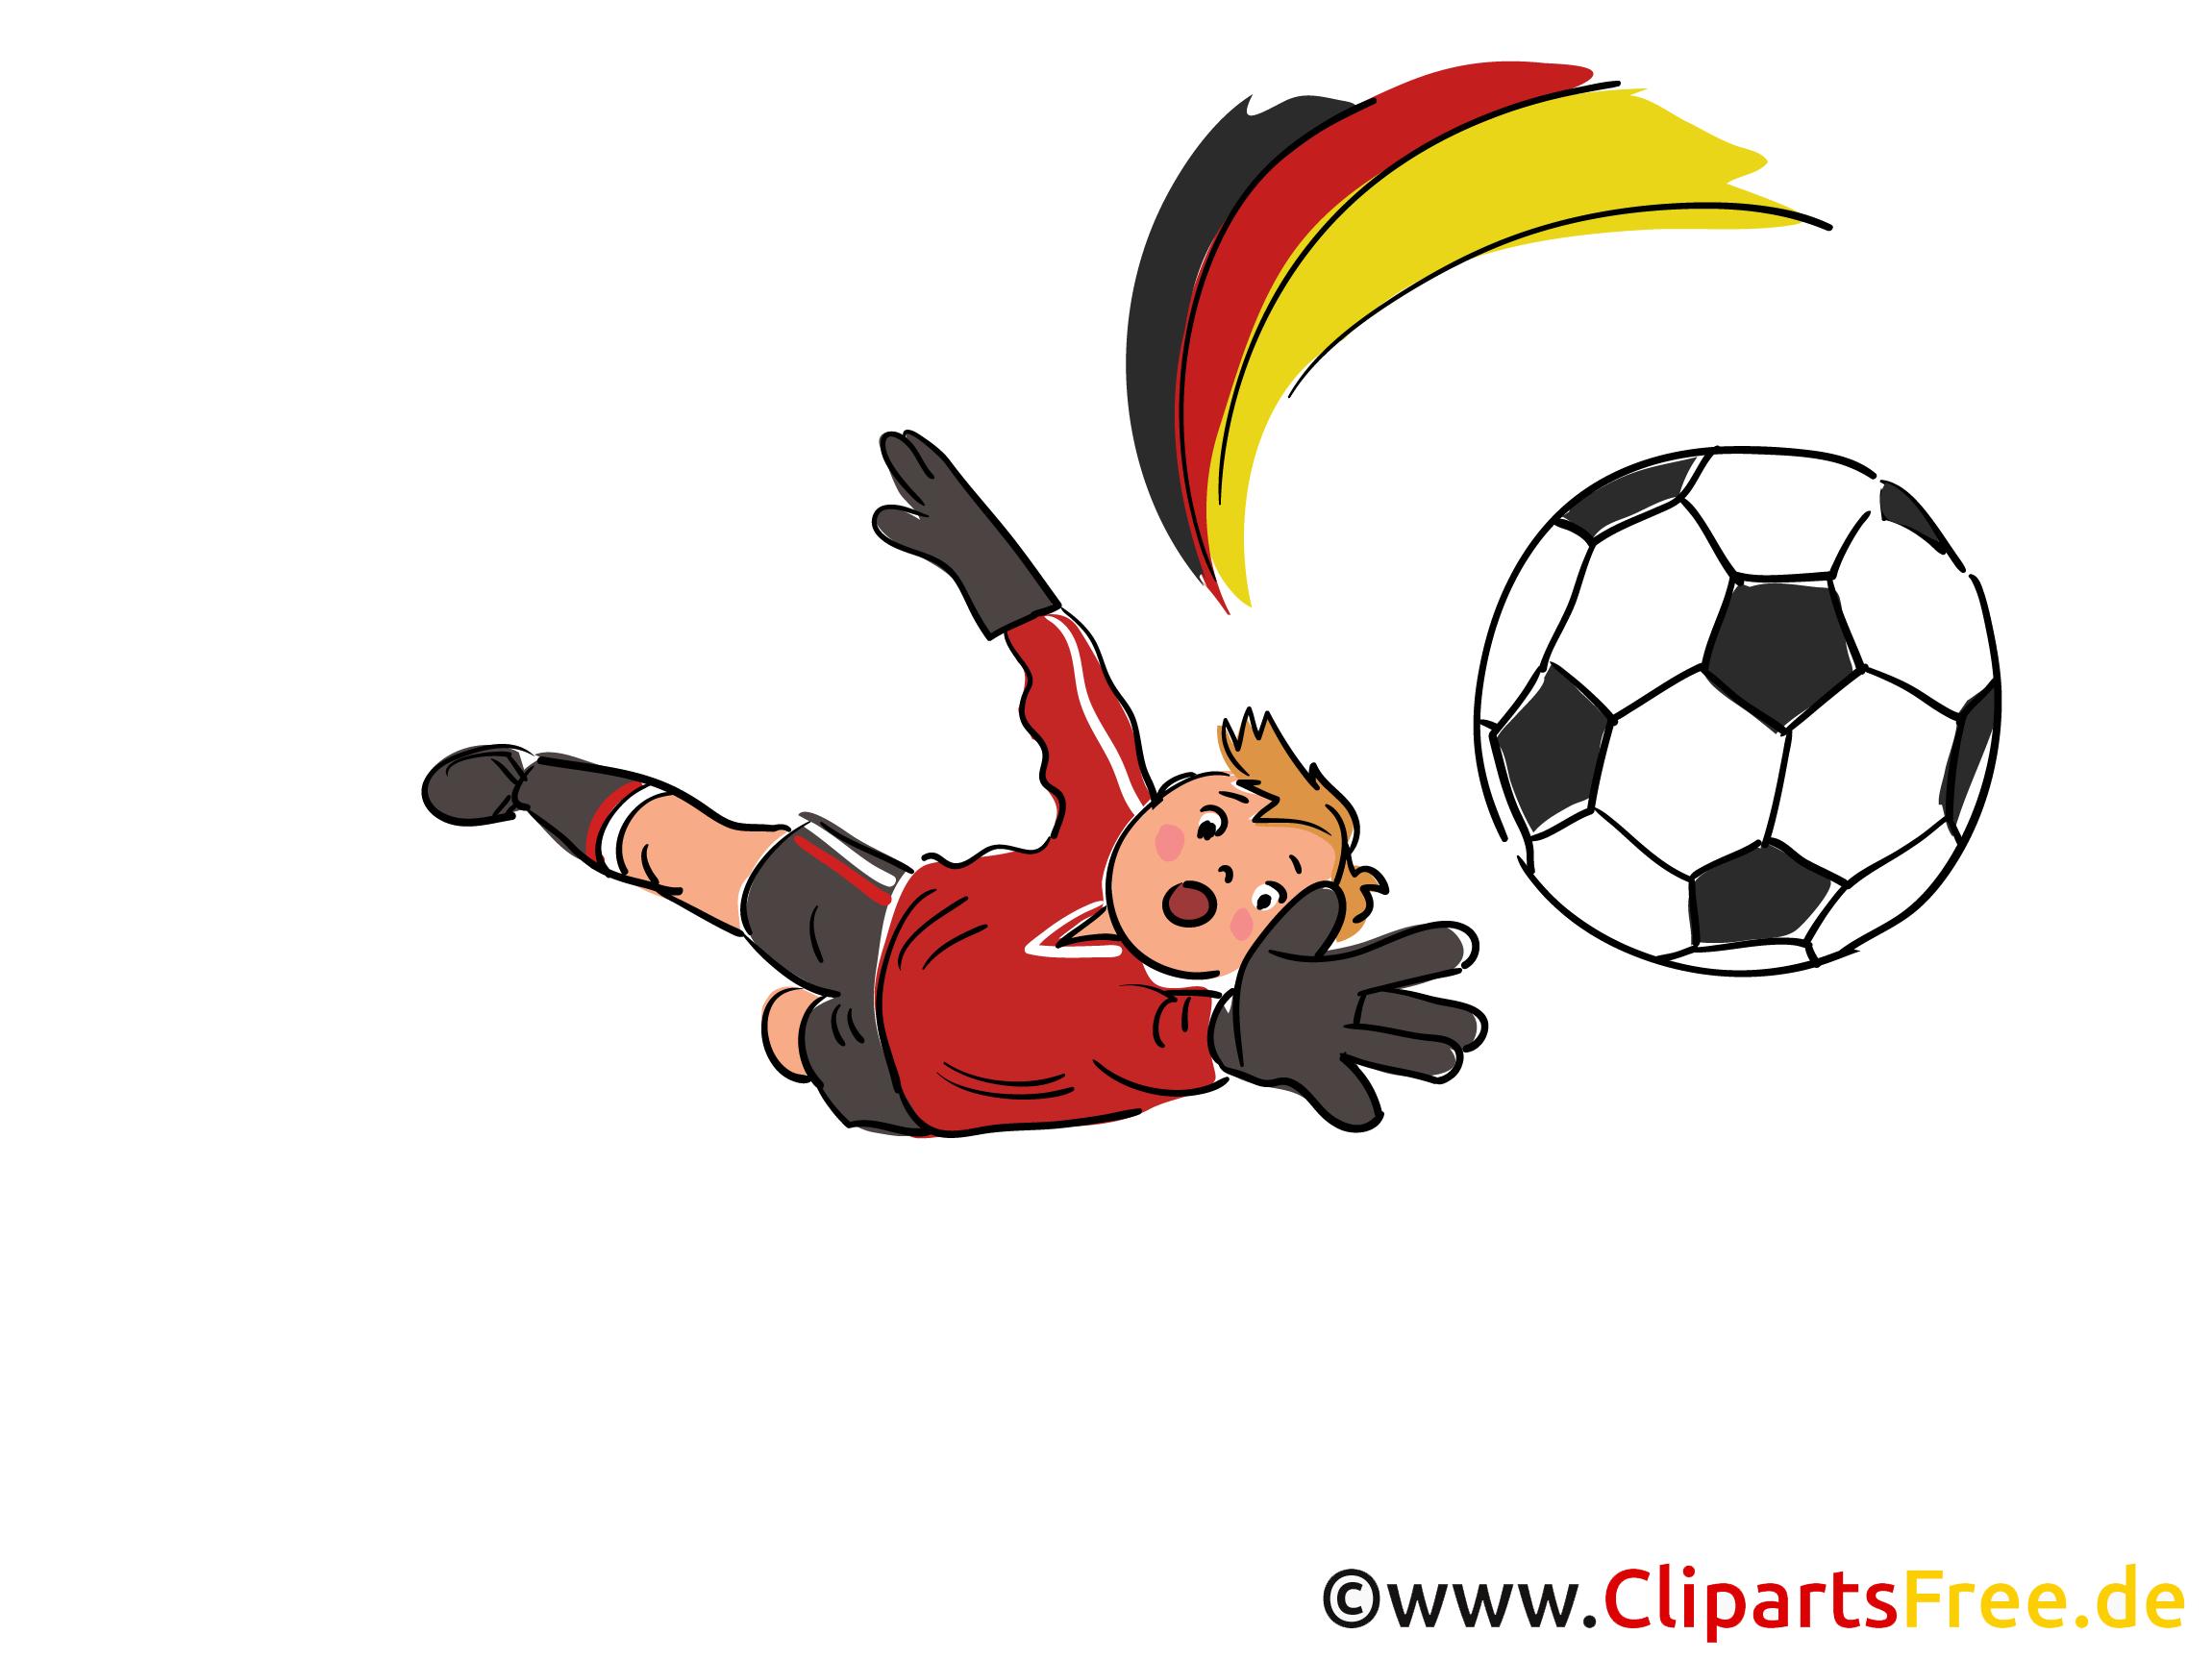 Voetbalwedstrijd Clipart, Afbeeldingen, Grafiek, Tekenfilms